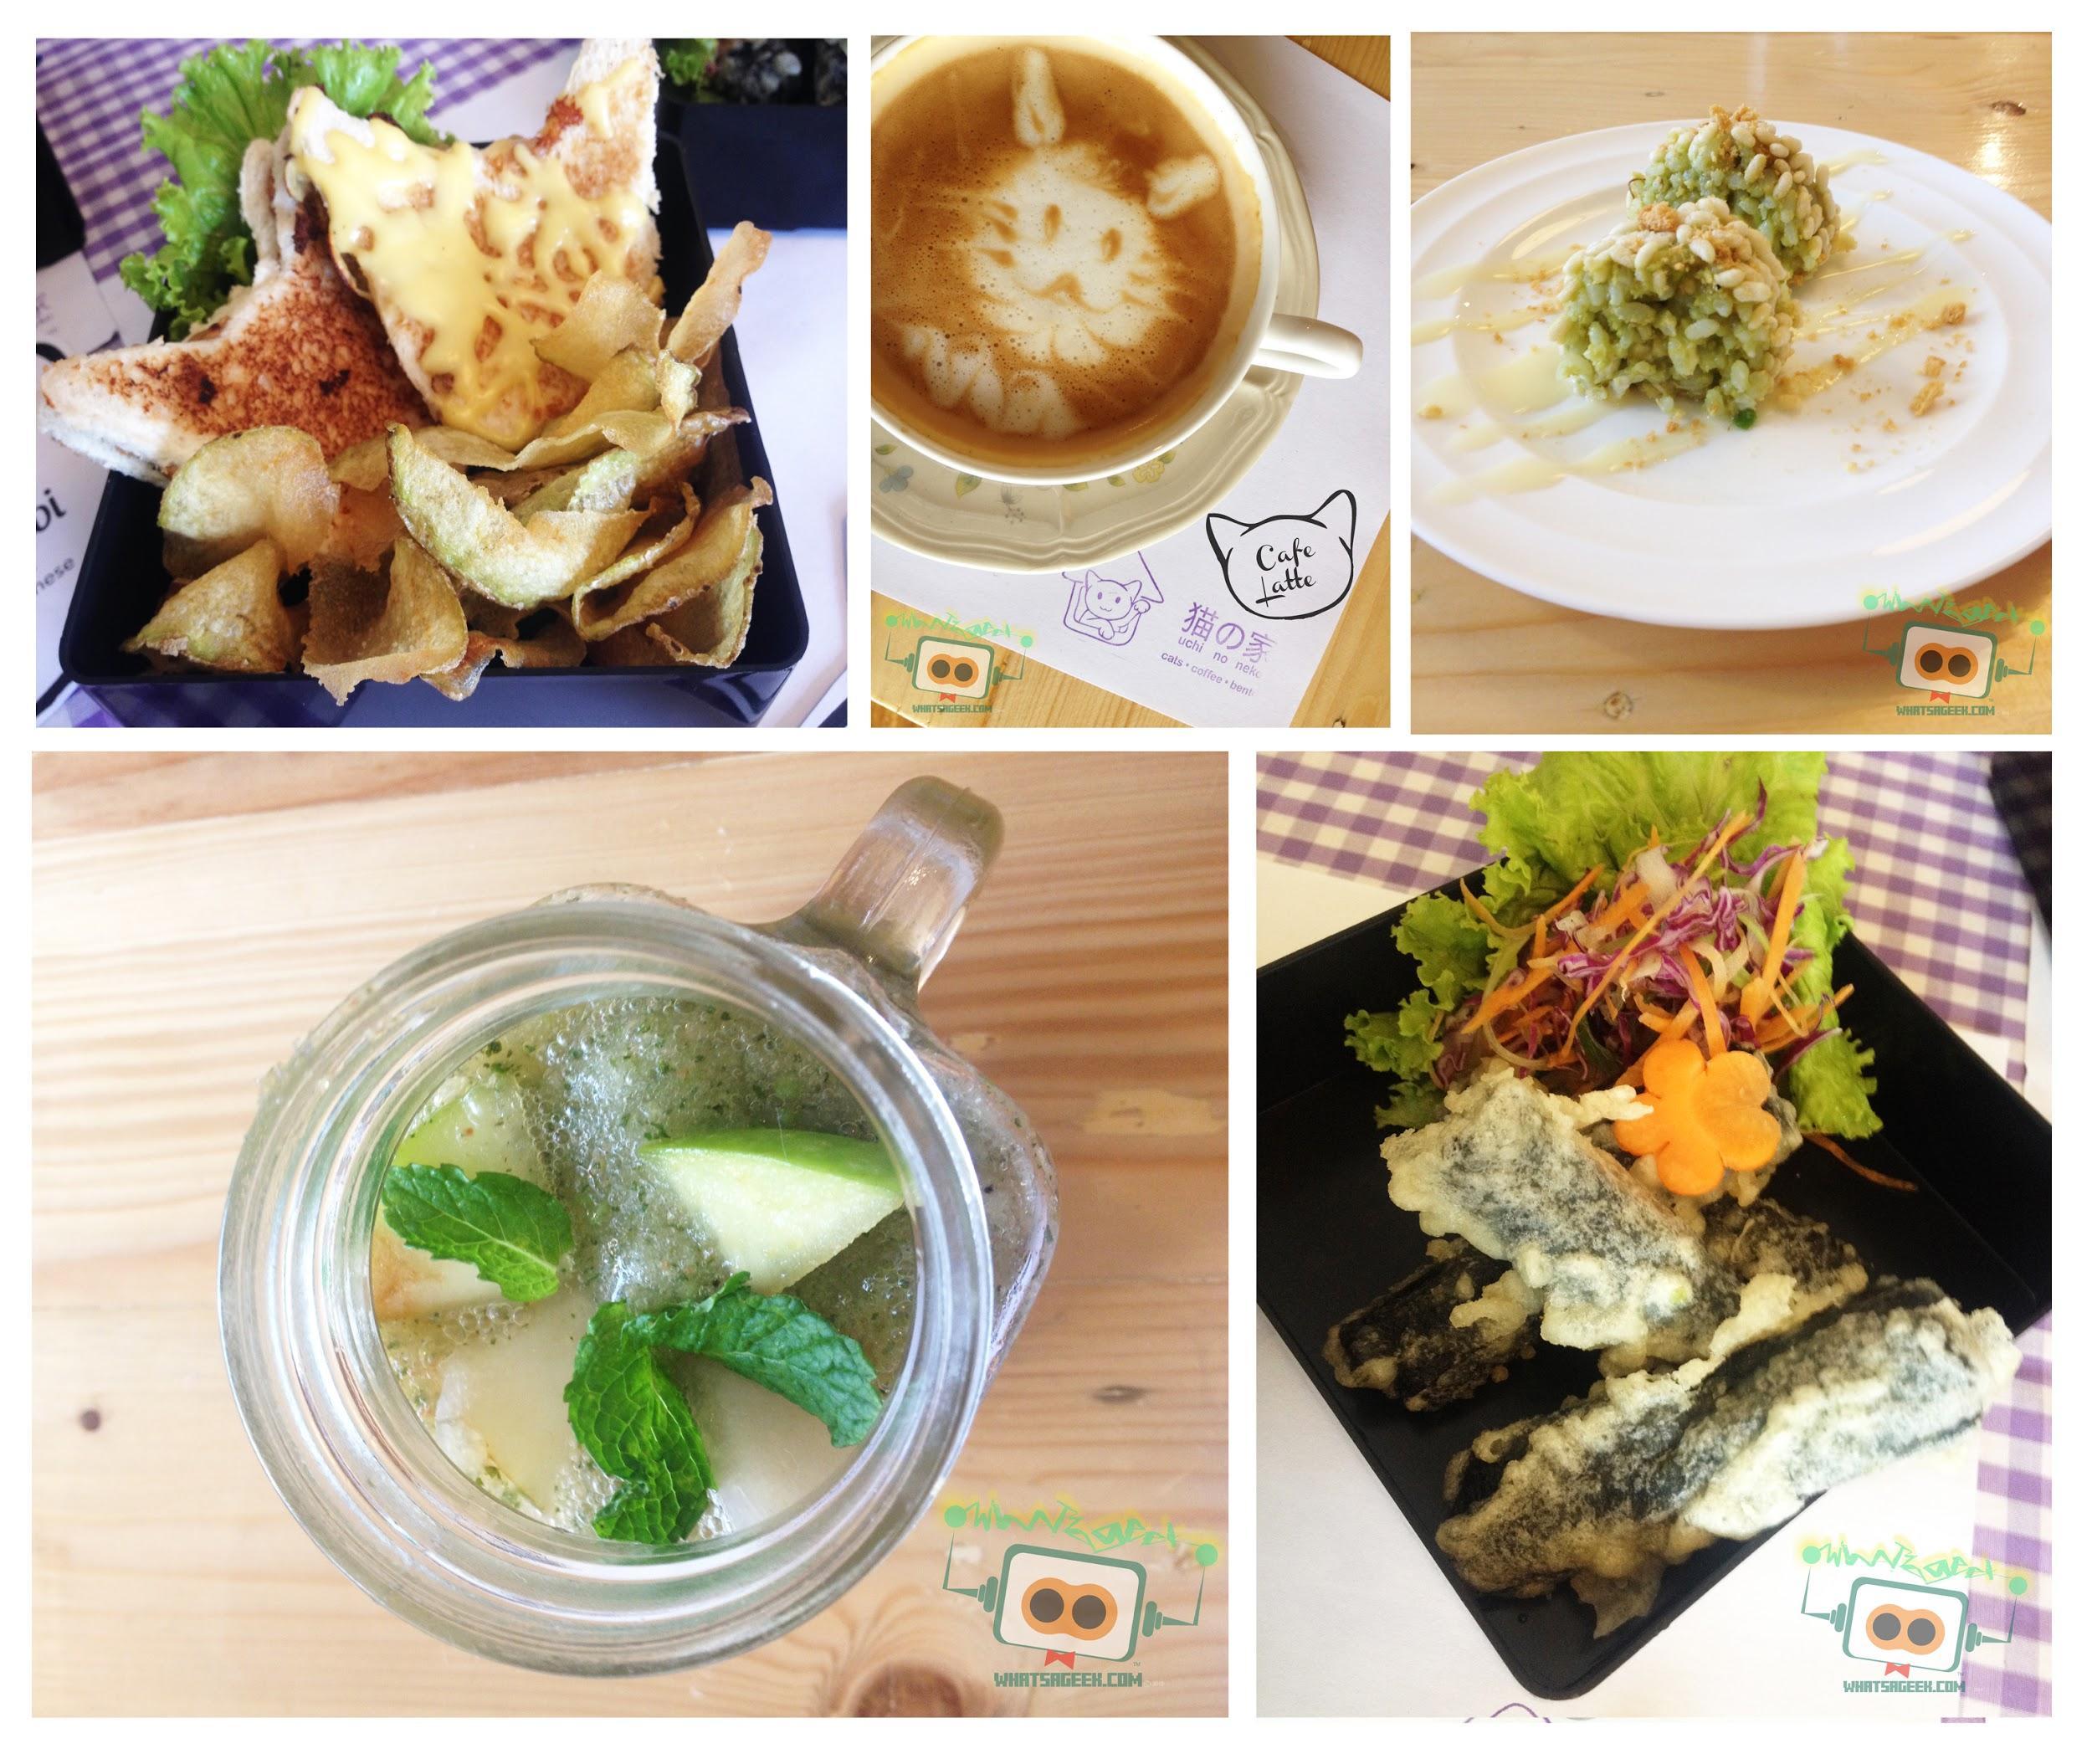 Cafe Neko Menu